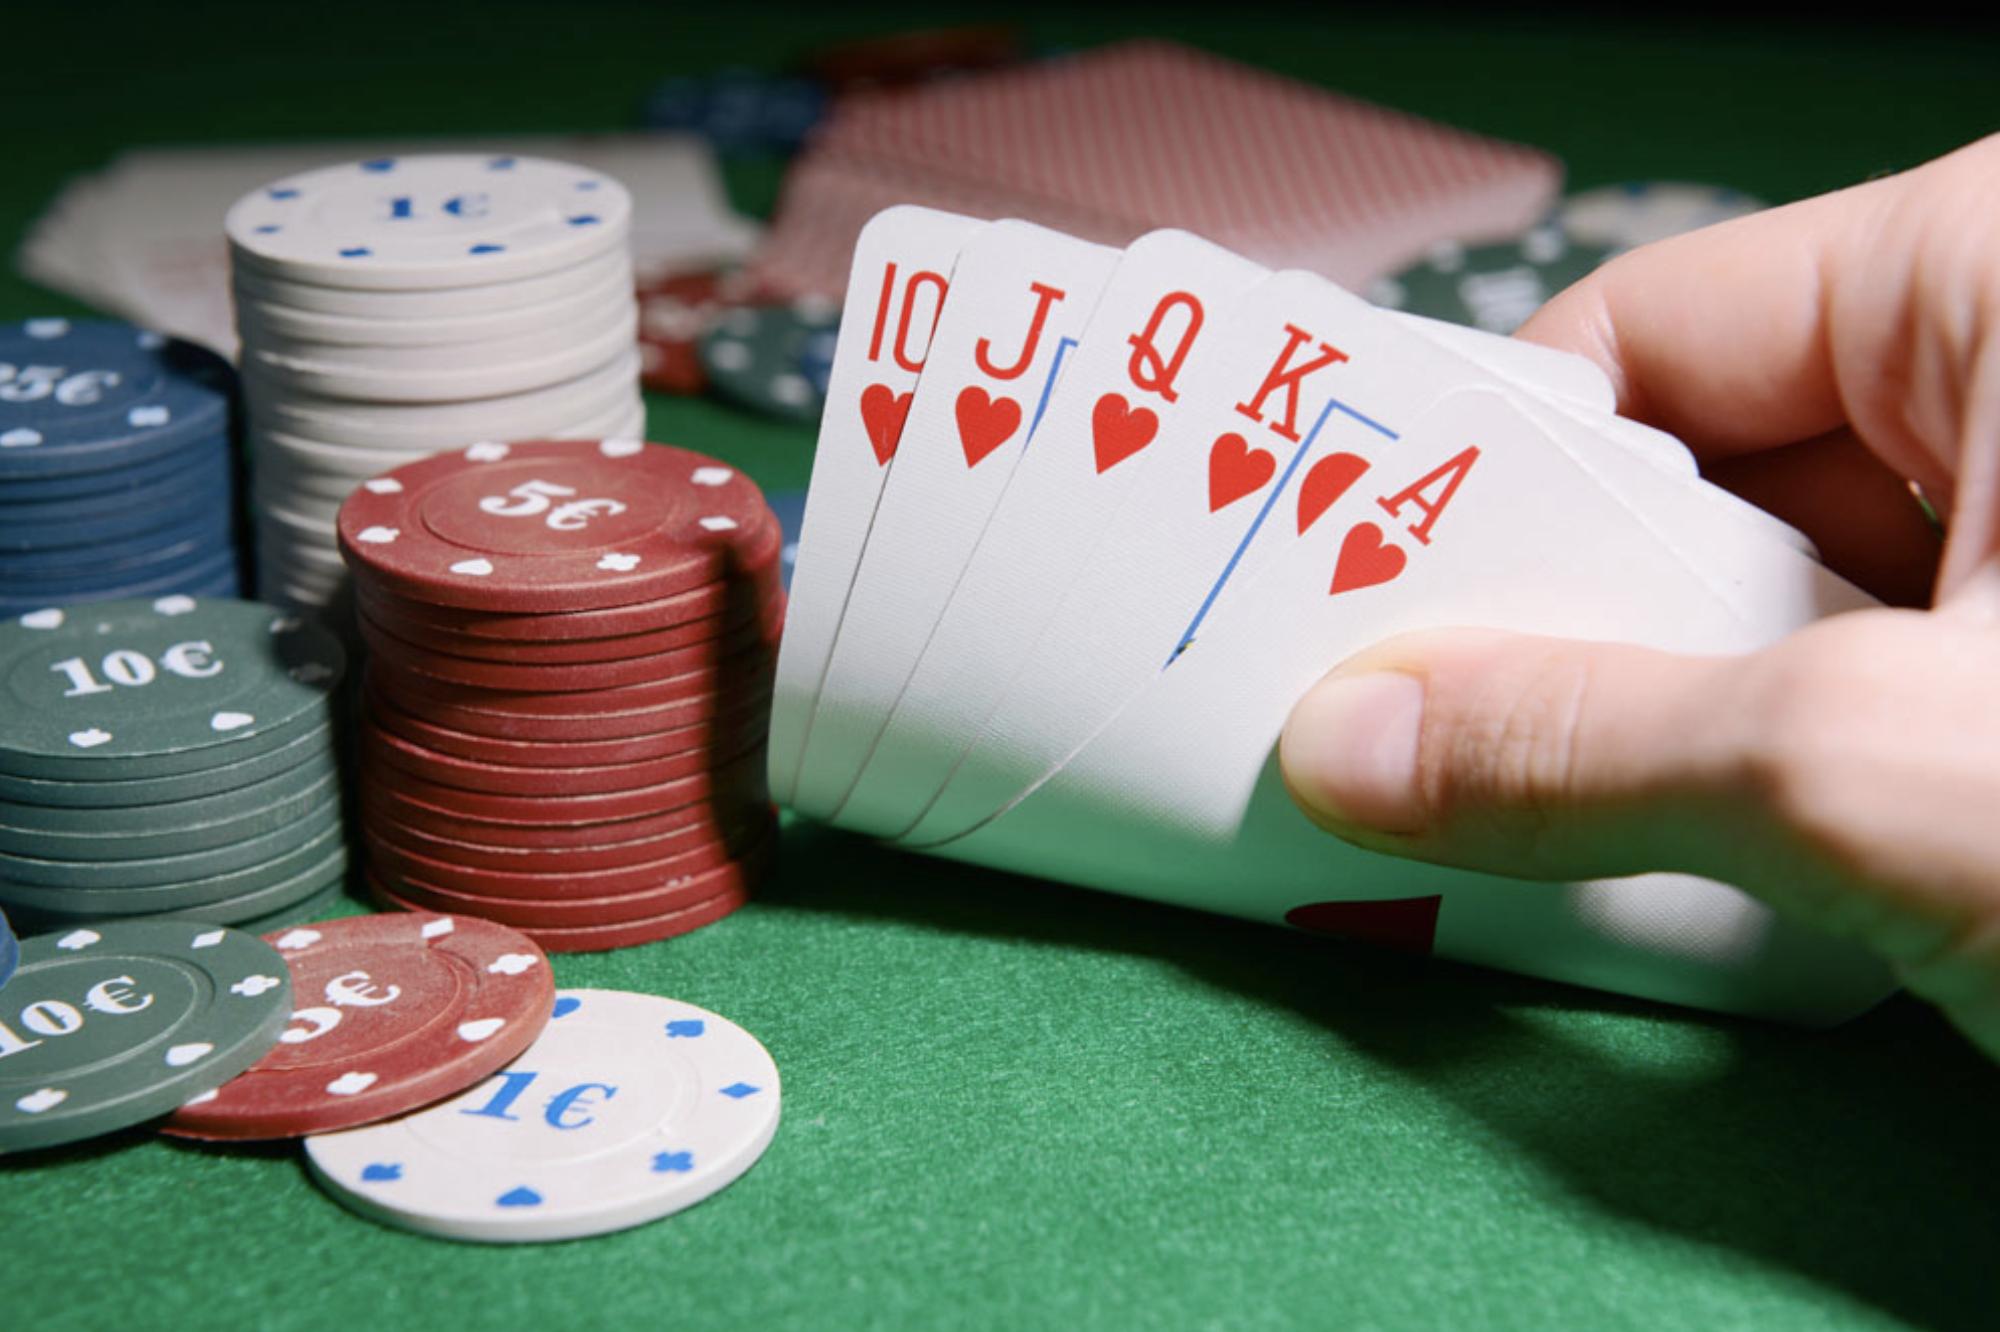 【21點算牌技巧交流】21點五大約束條件掣肘 二十一點職業賭徒技窮